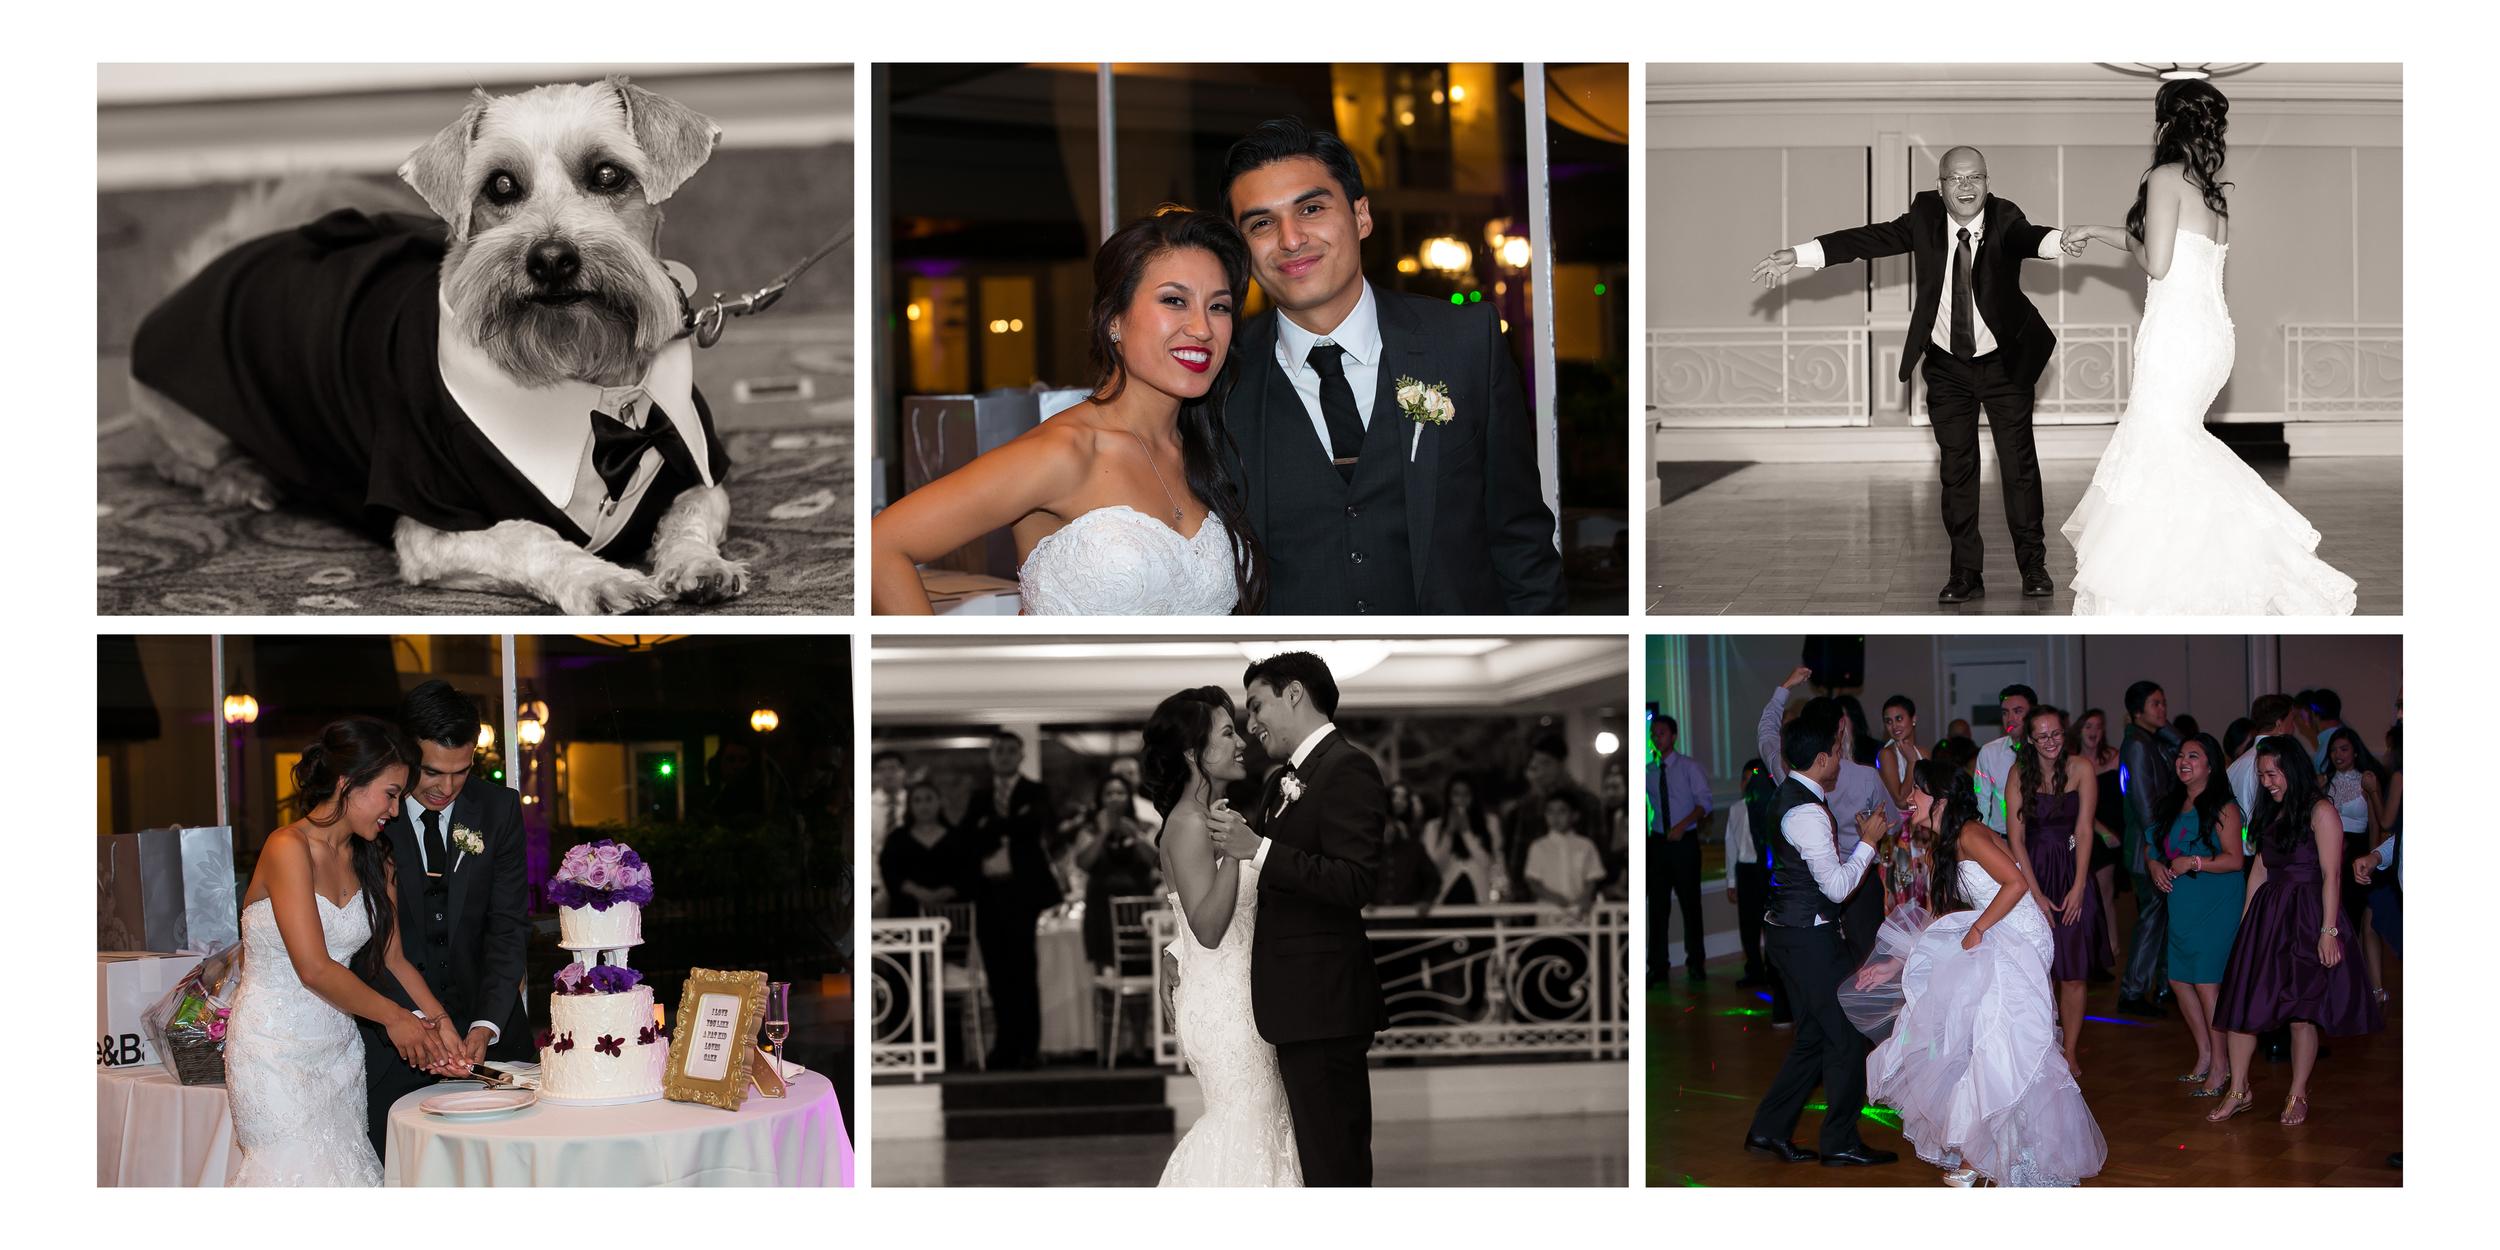 Suzette_Aaron_Wedding_Album_Preview9.jpg